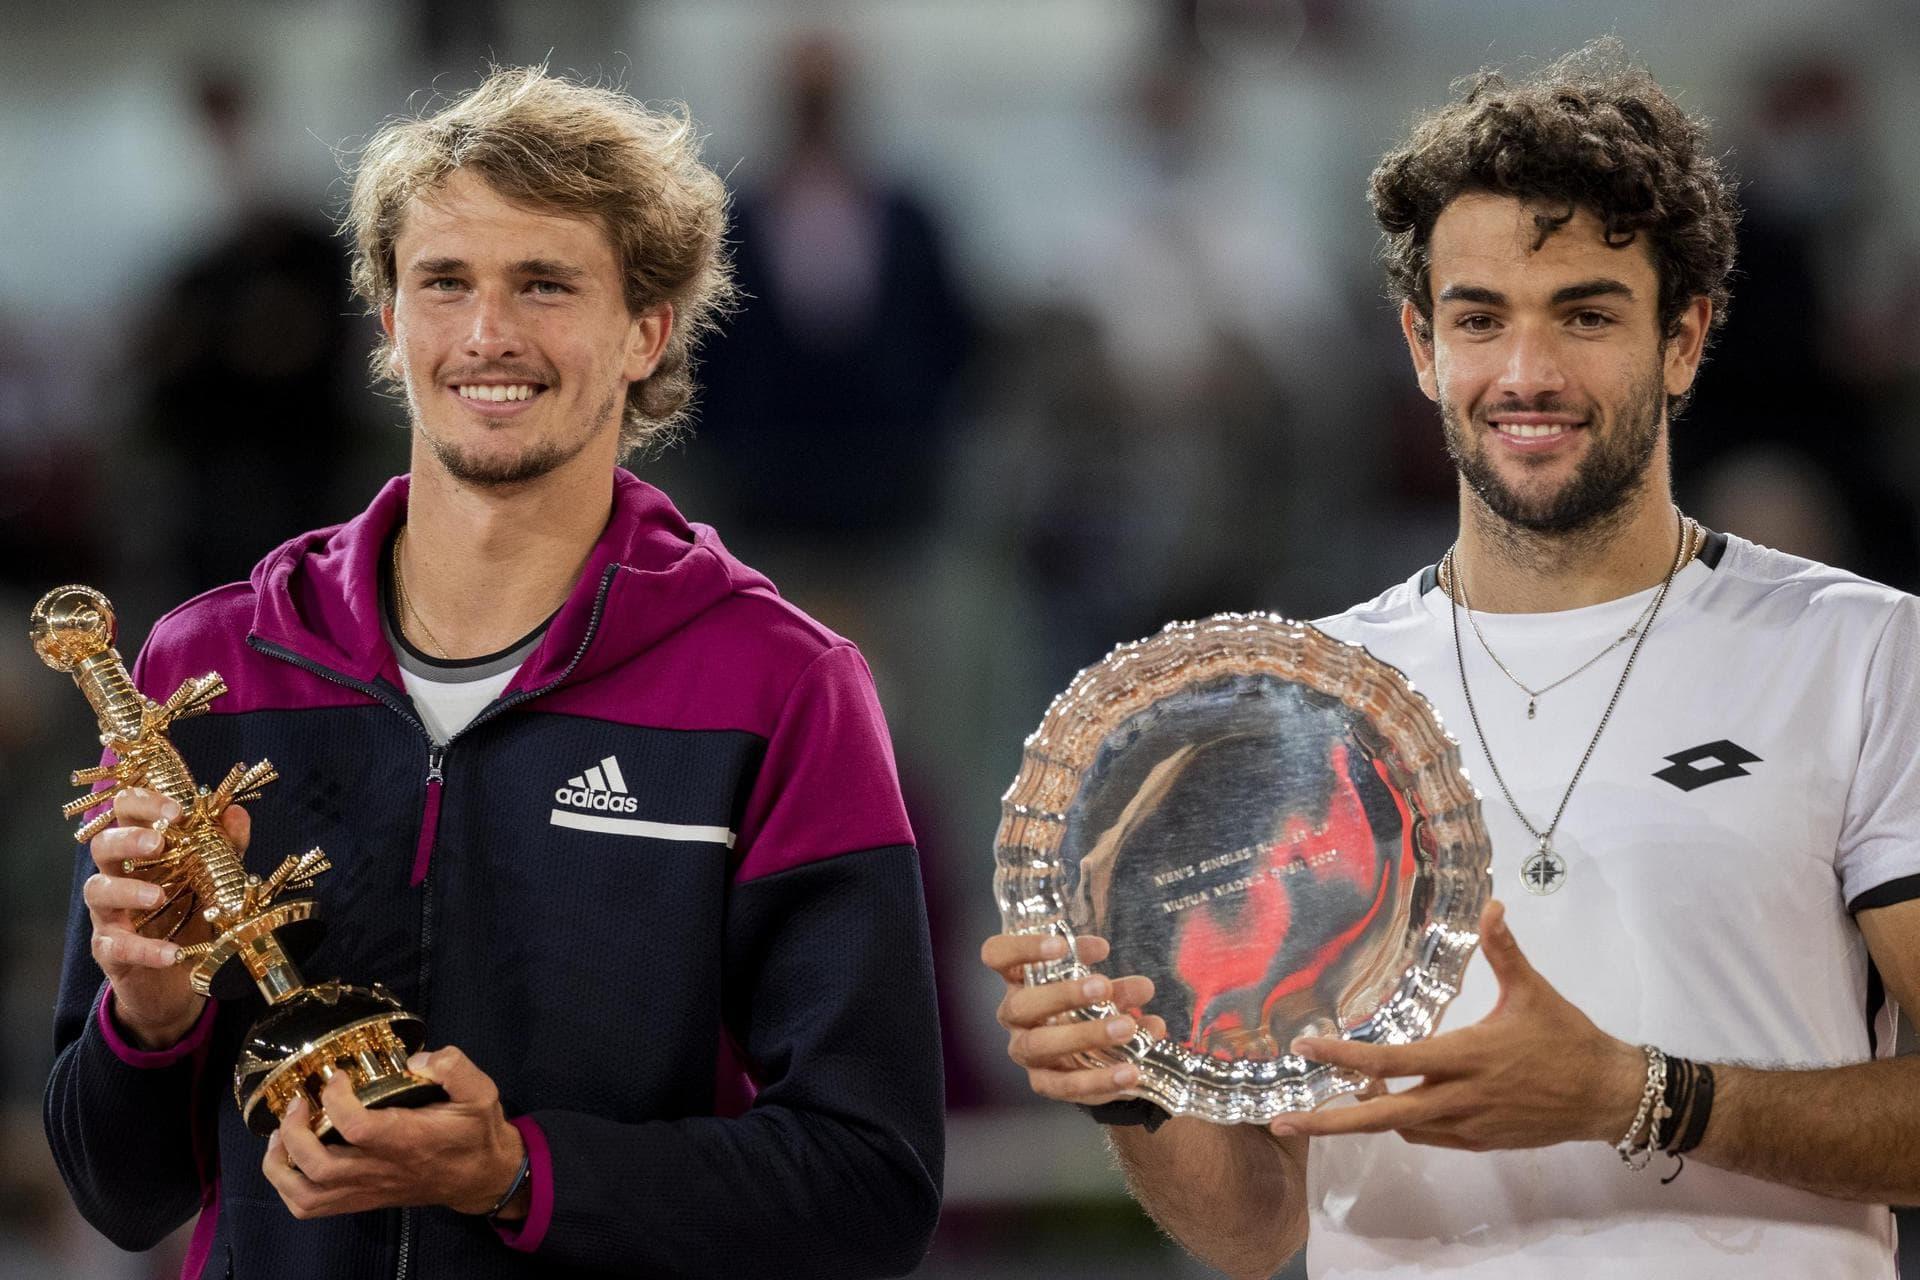 «Unglaubliches Gefühl»: Alexander Zverev siegt in Madrid ATP-Tennis-Turnier